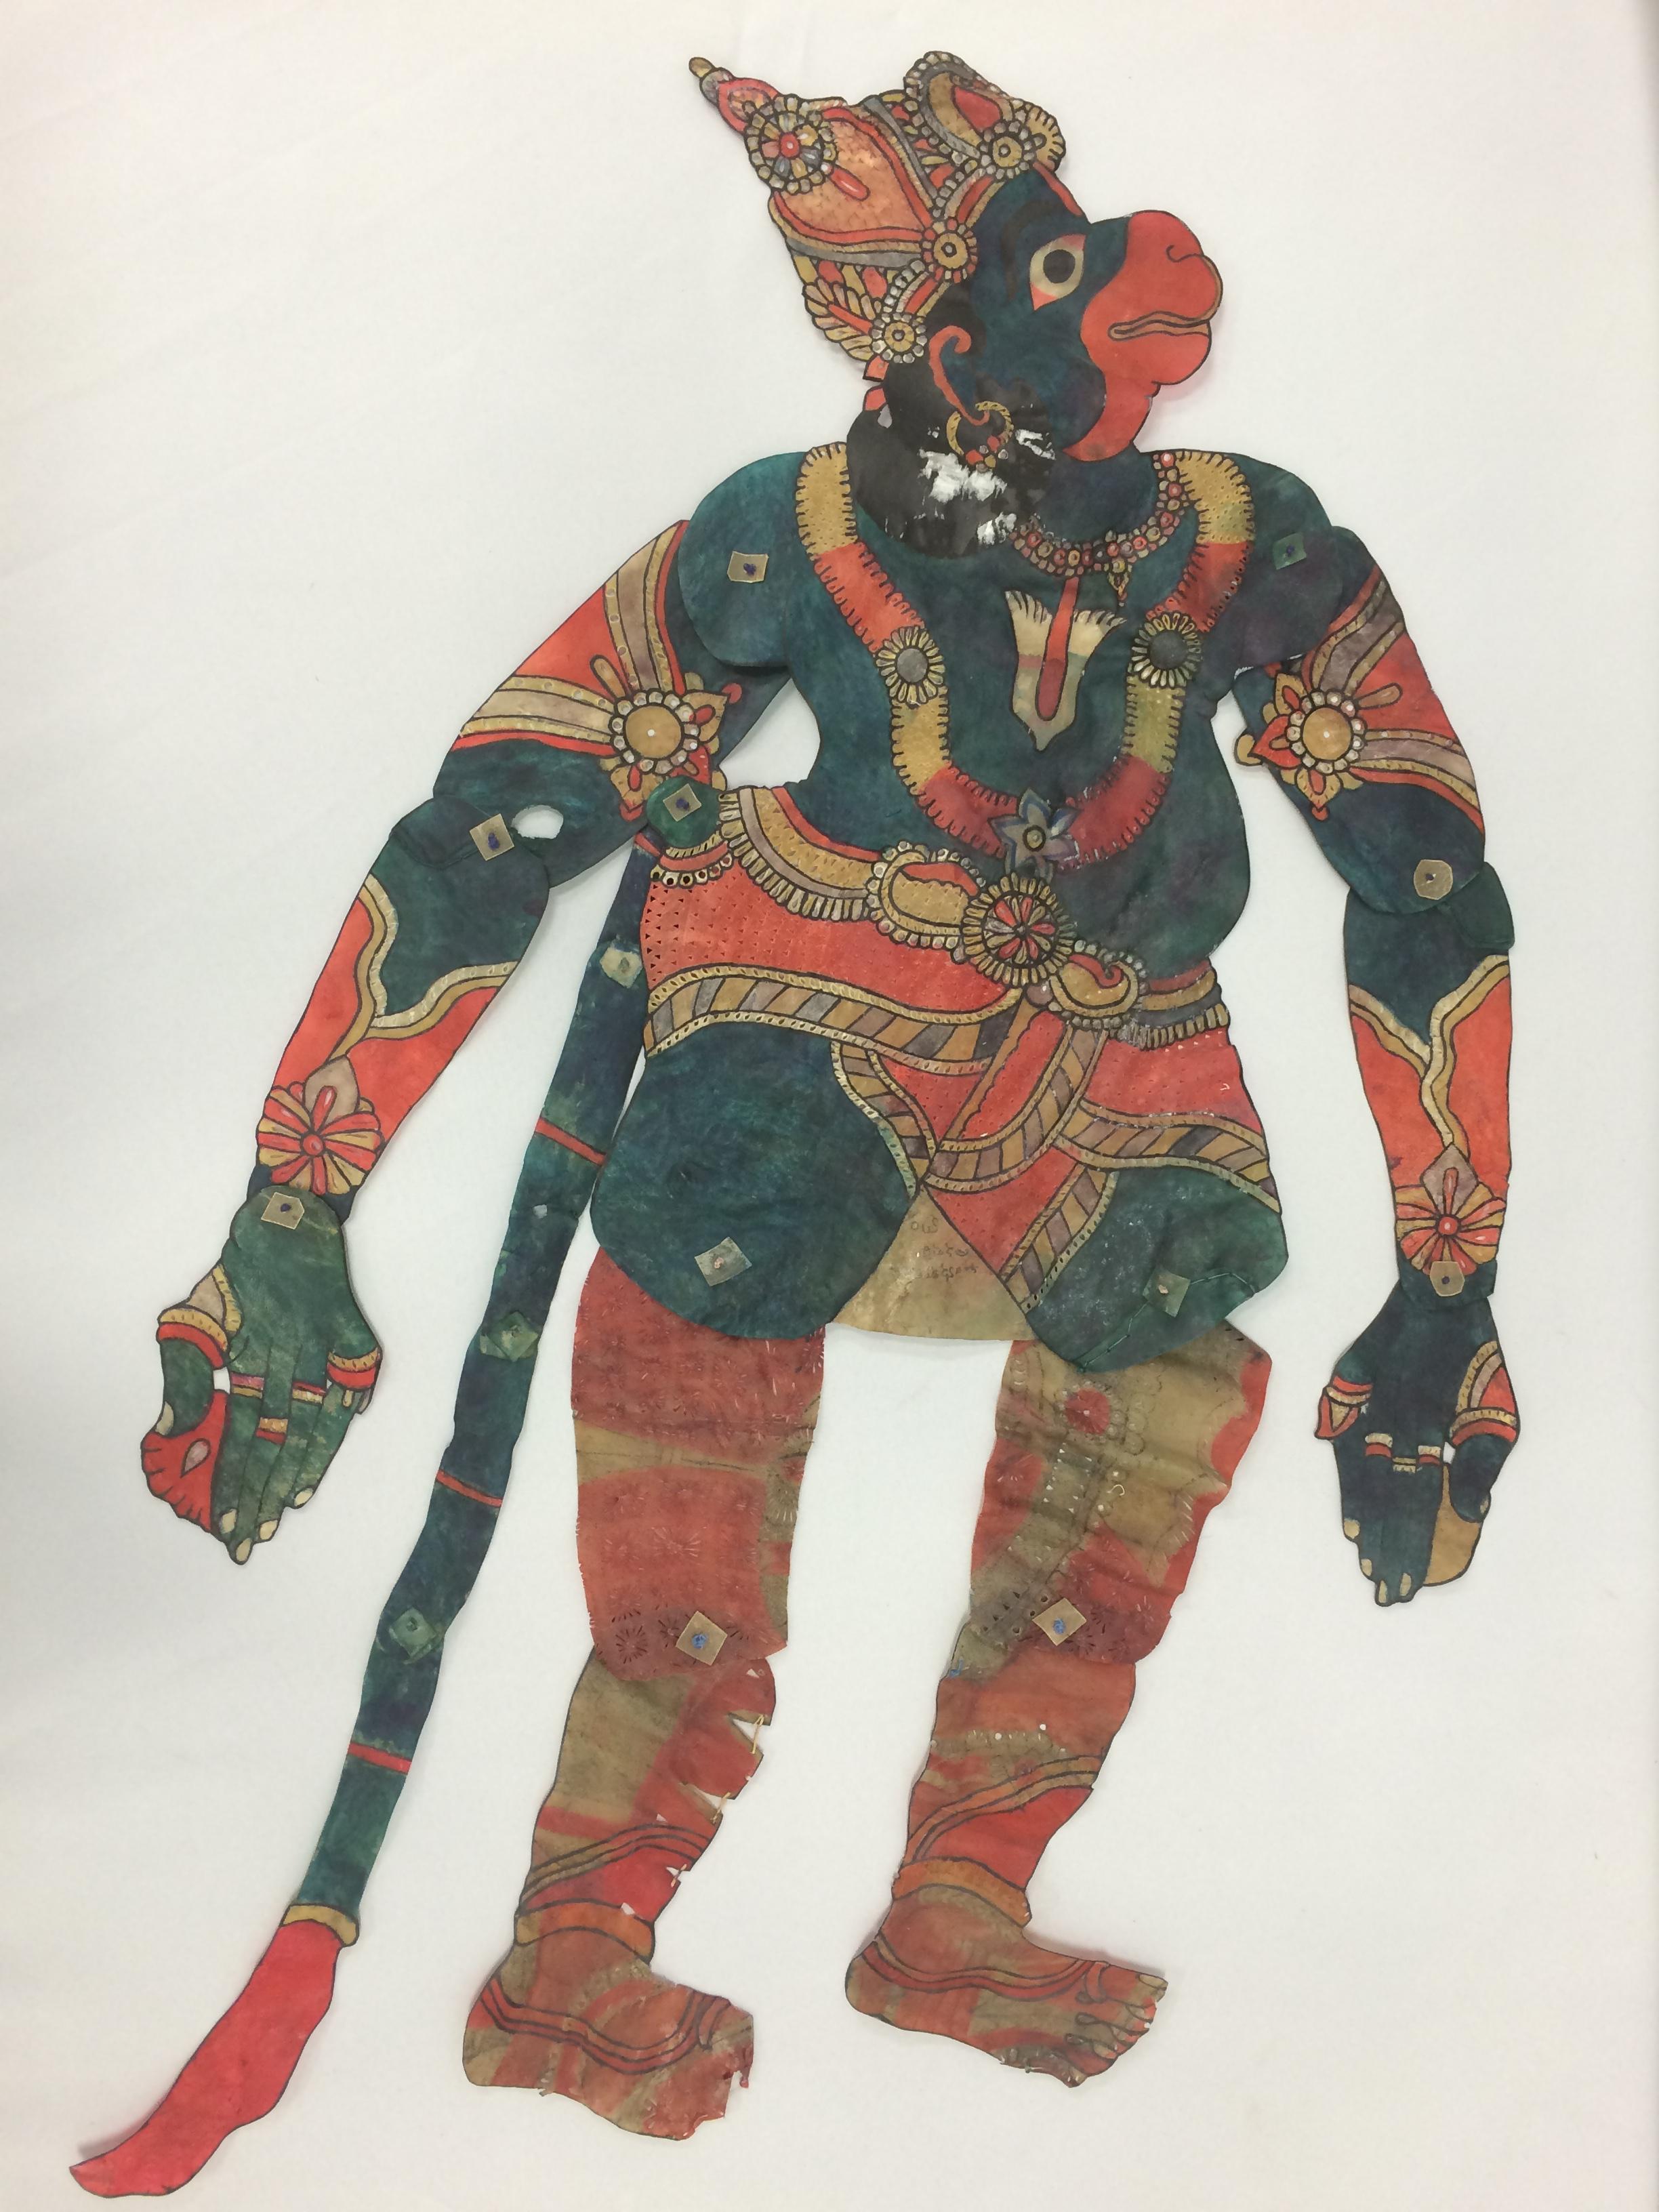 <em>Hanuman</em>, un personnage central du Râmâyana, une figure d'ombre, tolu bommalata, d'Andhra Pradesh, en Inde, hauteur : 1,10 m. Collection : Center for Puppetry Arts (Atlanta, Géorgie, États-Unis)